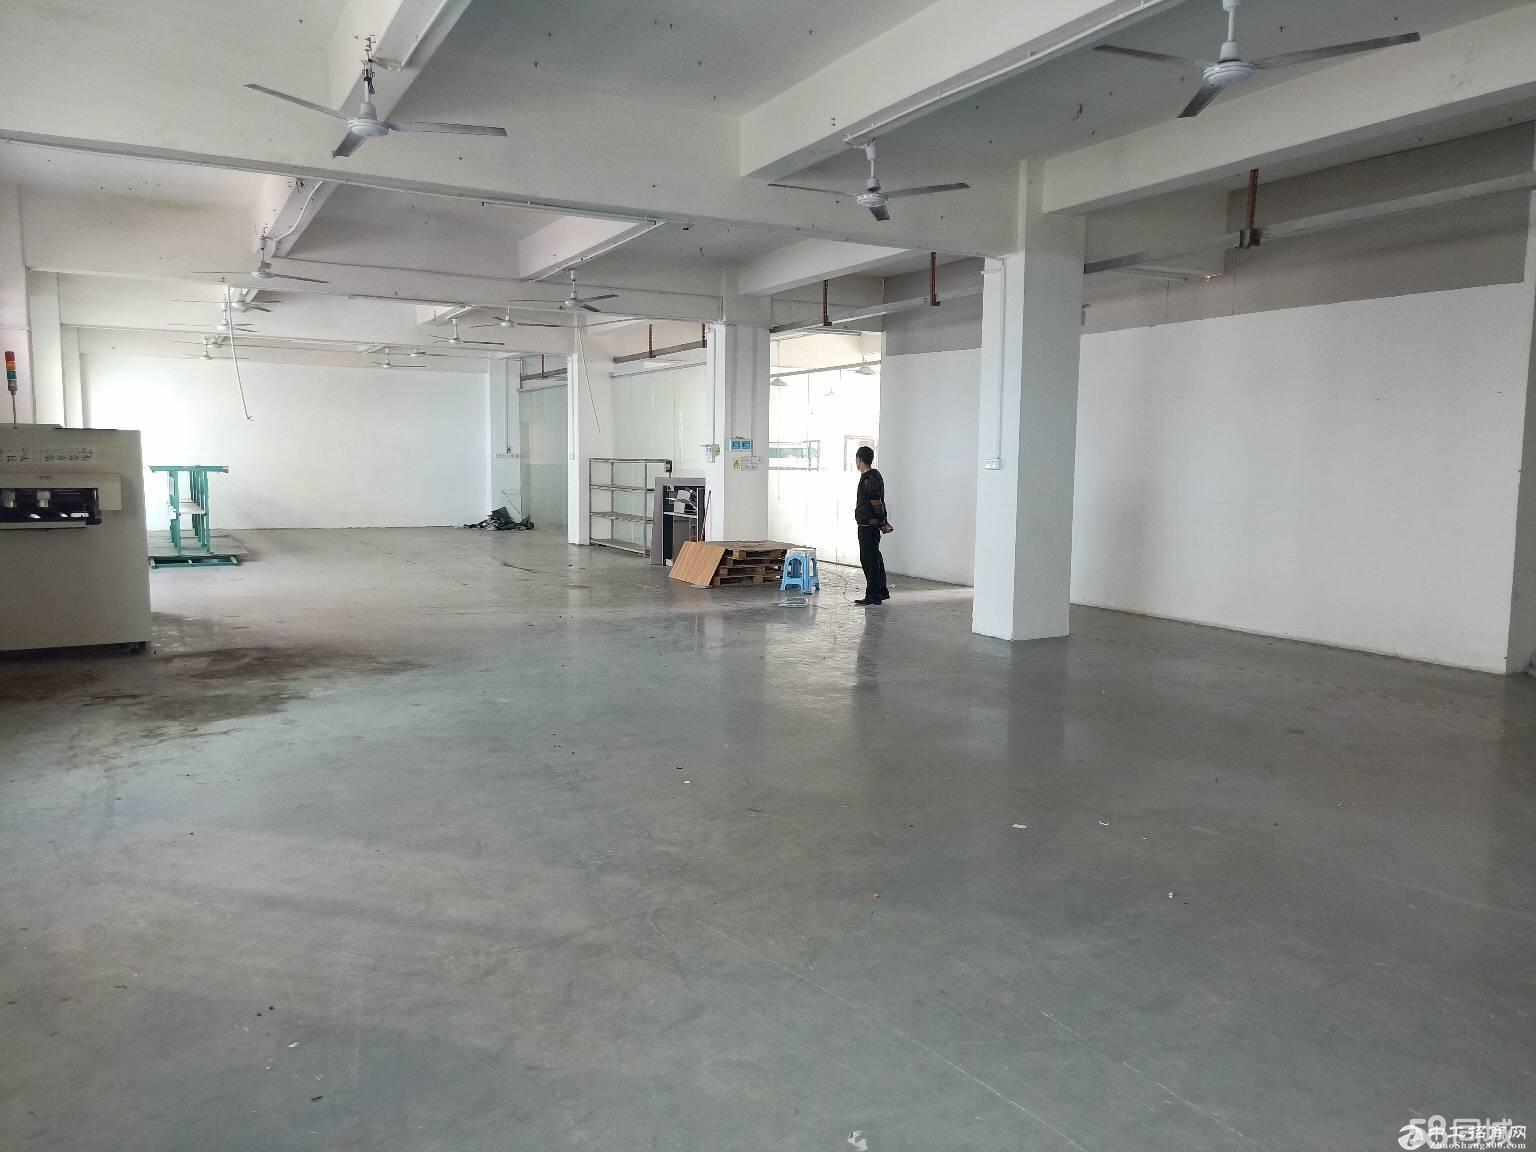 平湖辅城坳工业区新出带装修办公室厂房二楼600平方出租